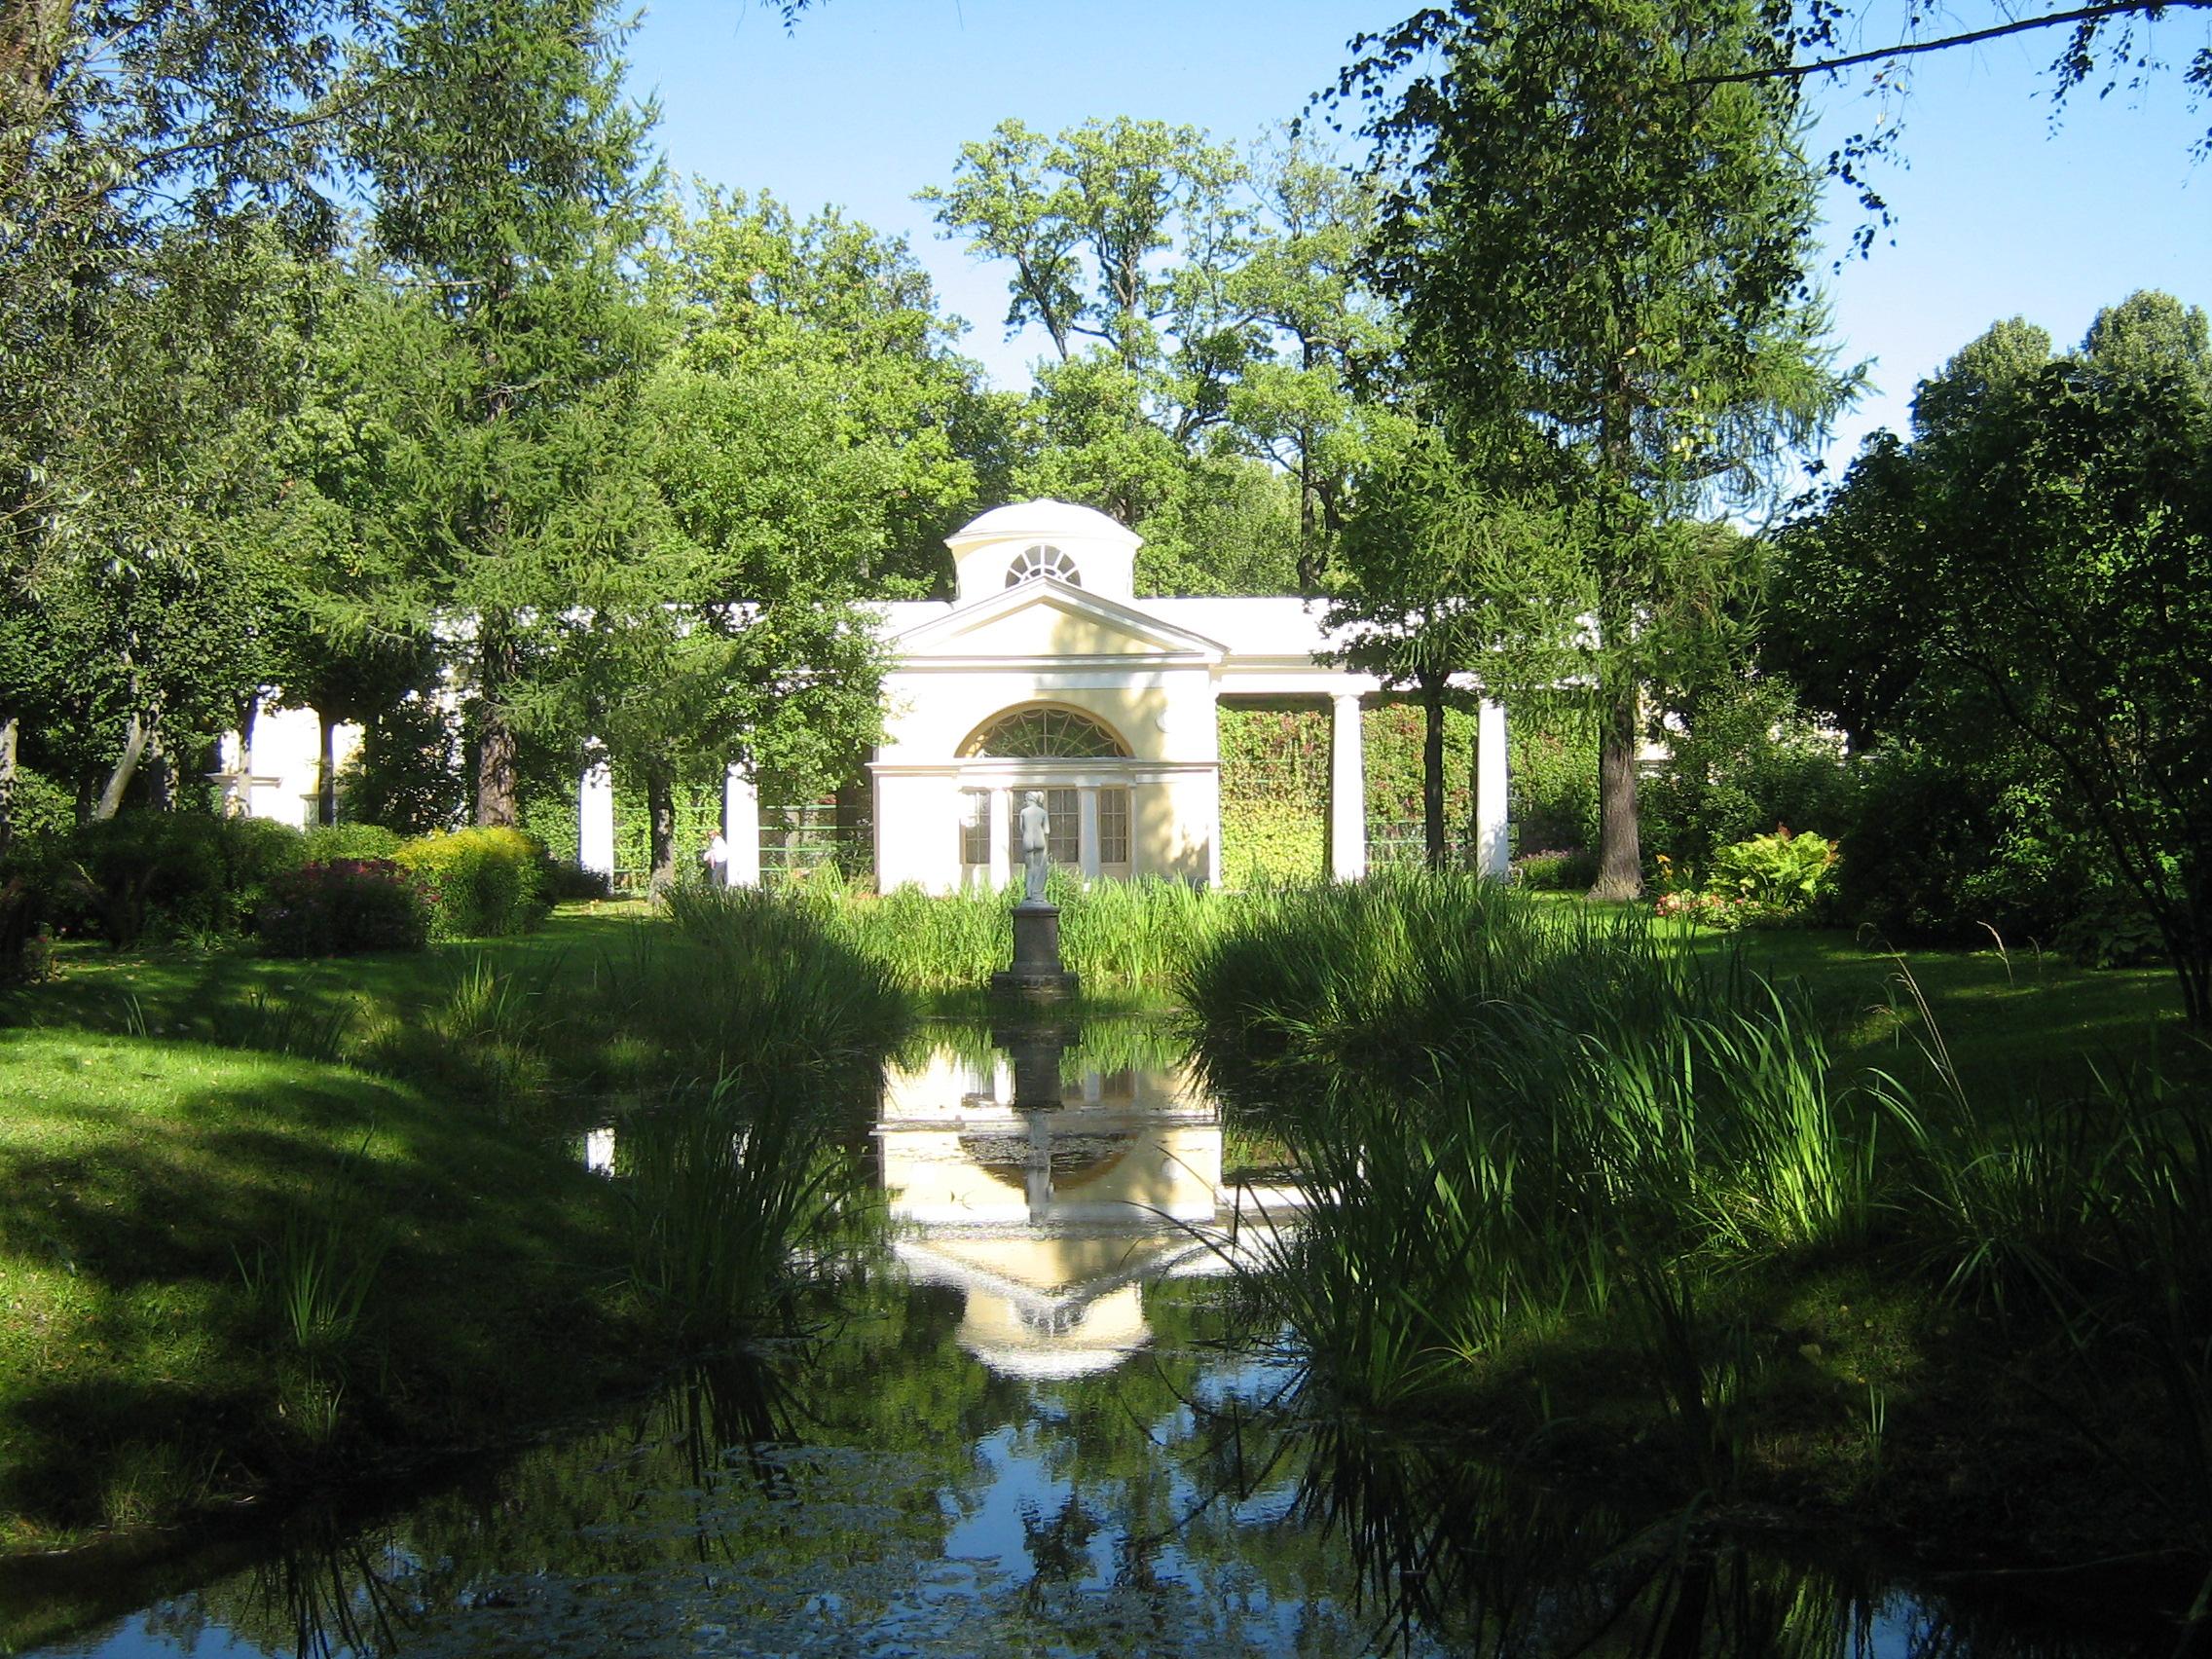 Павловский парк - это... Что такое Павловский парк?